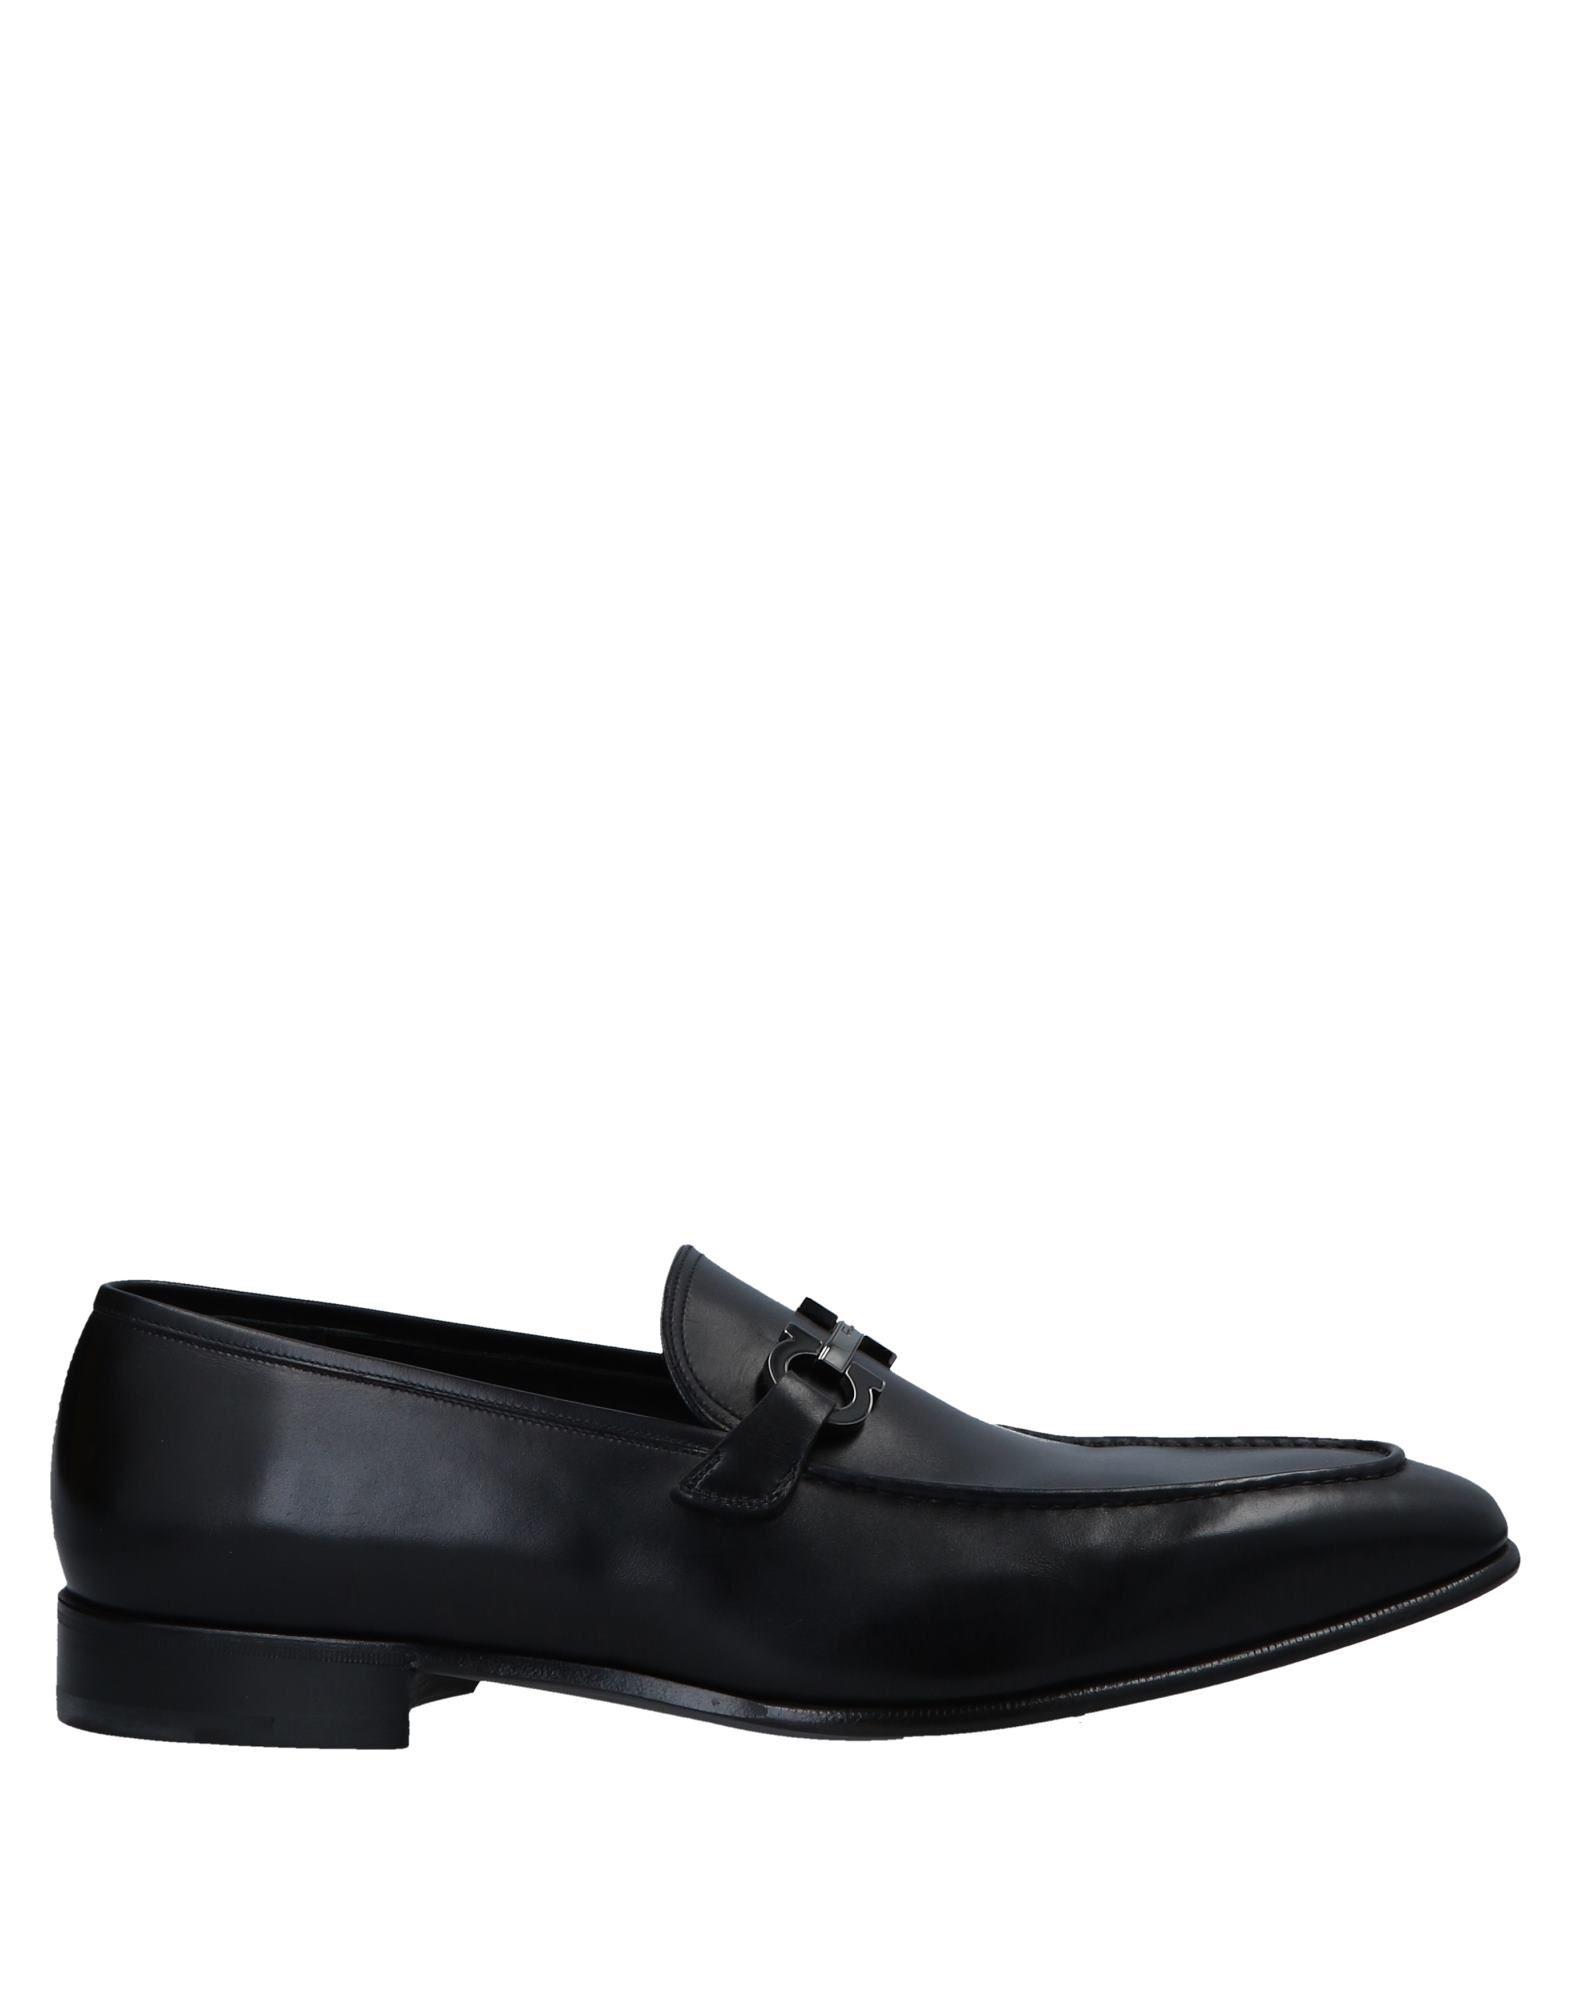 Salvatore Ferragamo Mokassins Herren  11554546GT Gute Qualität beliebte Schuhe